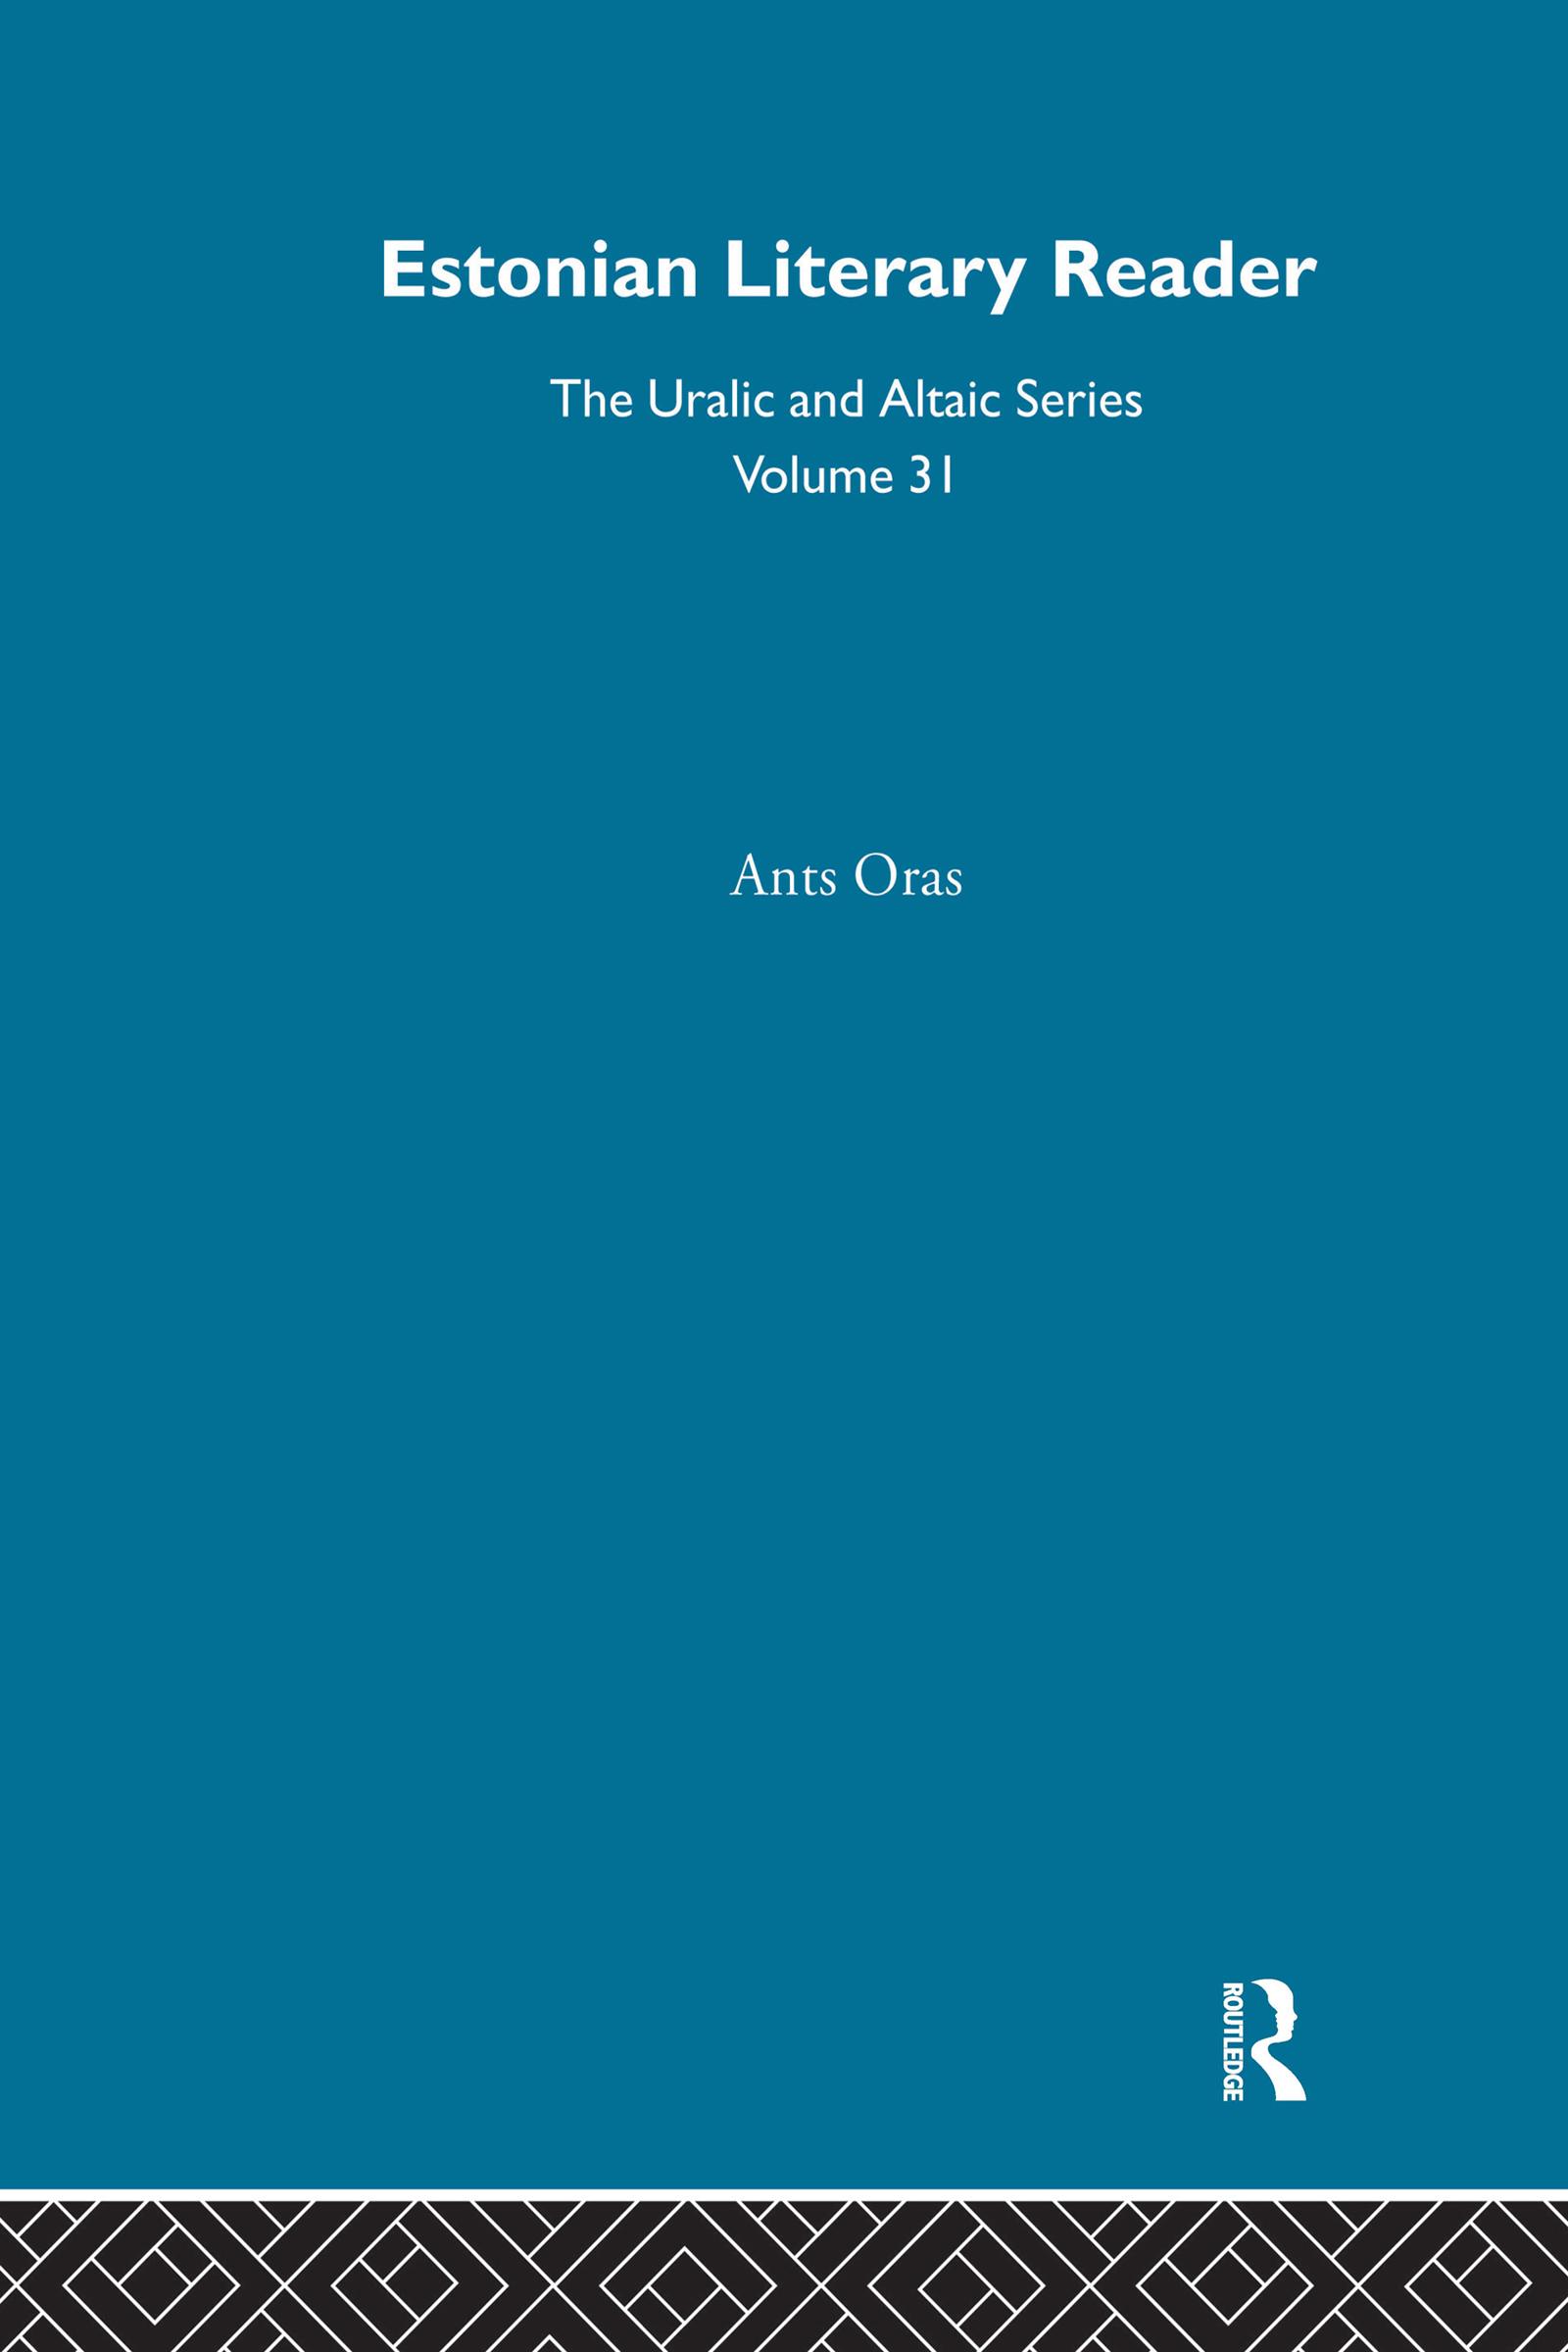 Estonian Literary Reader